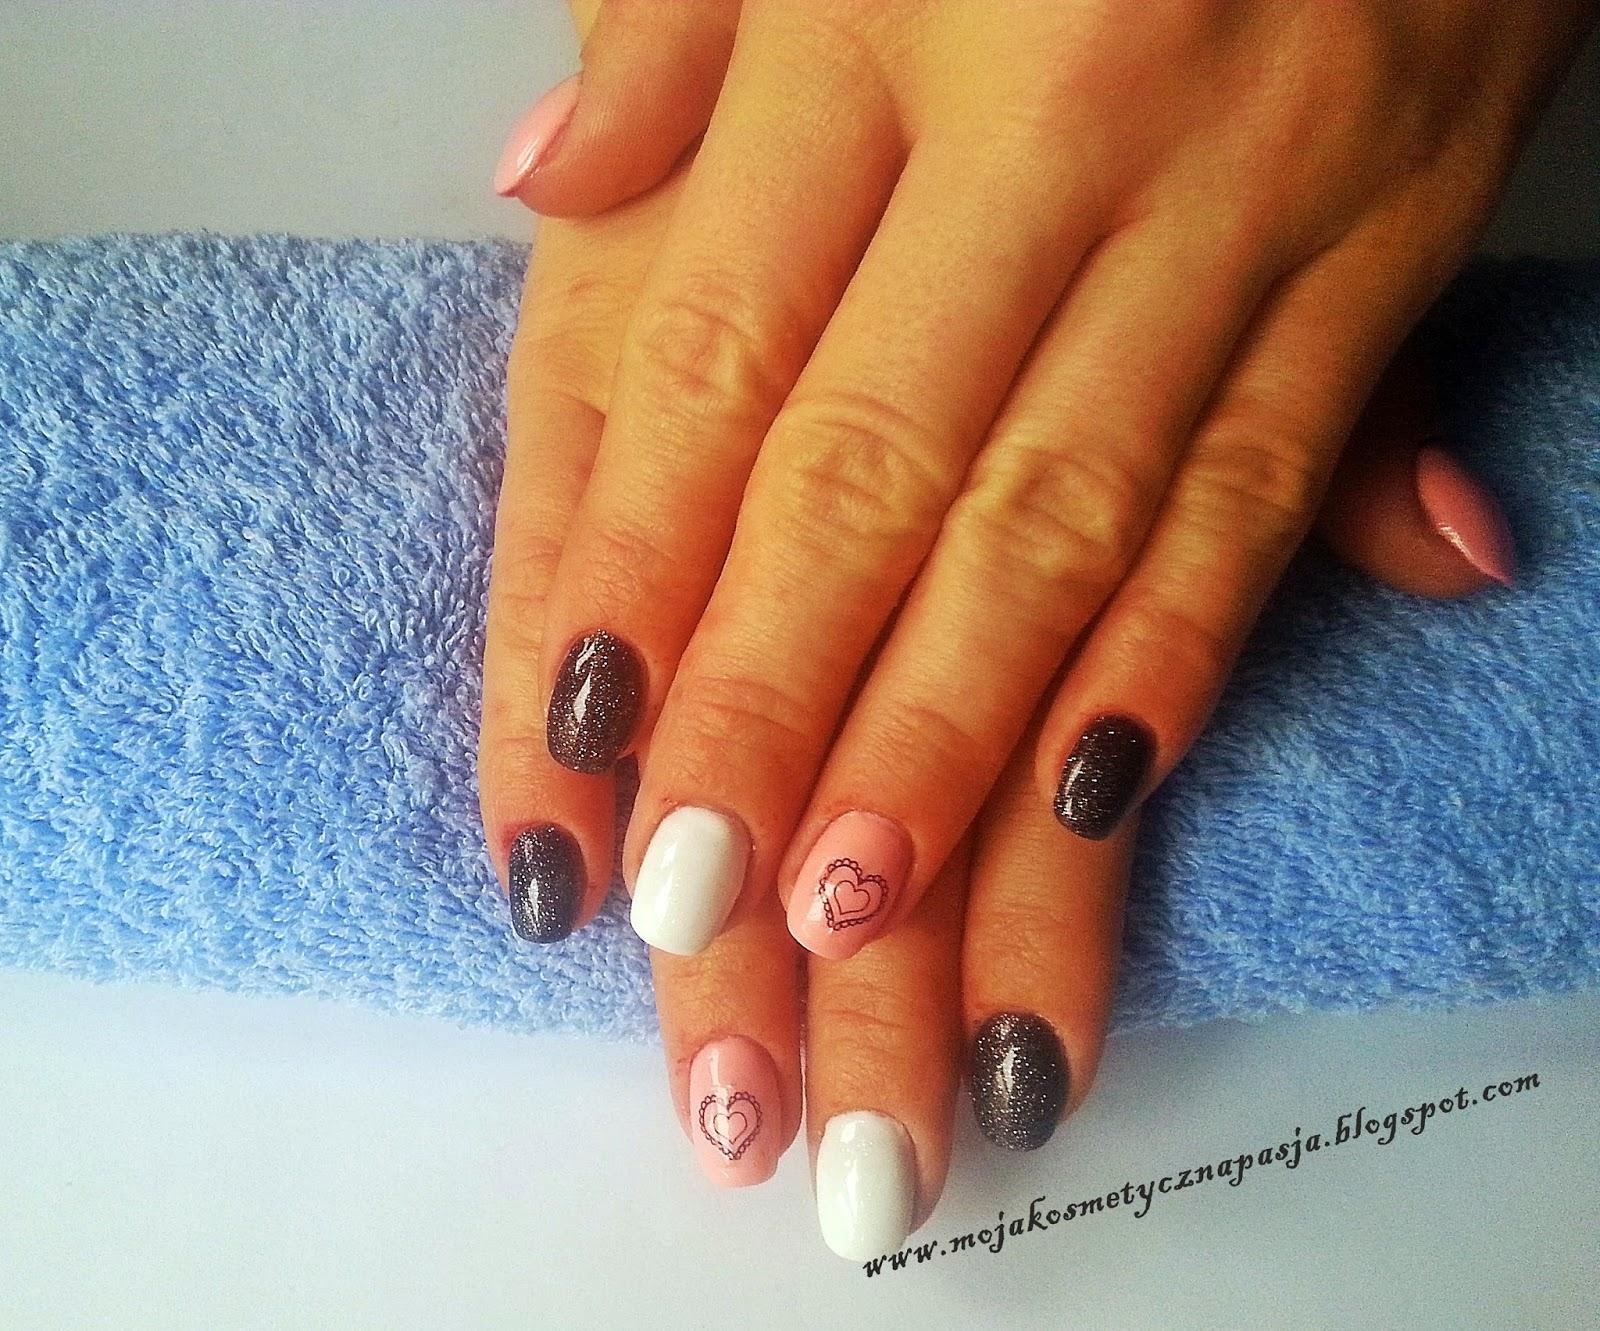 Paznokcie żelowe w kolorze czerni, bieli i różu :)